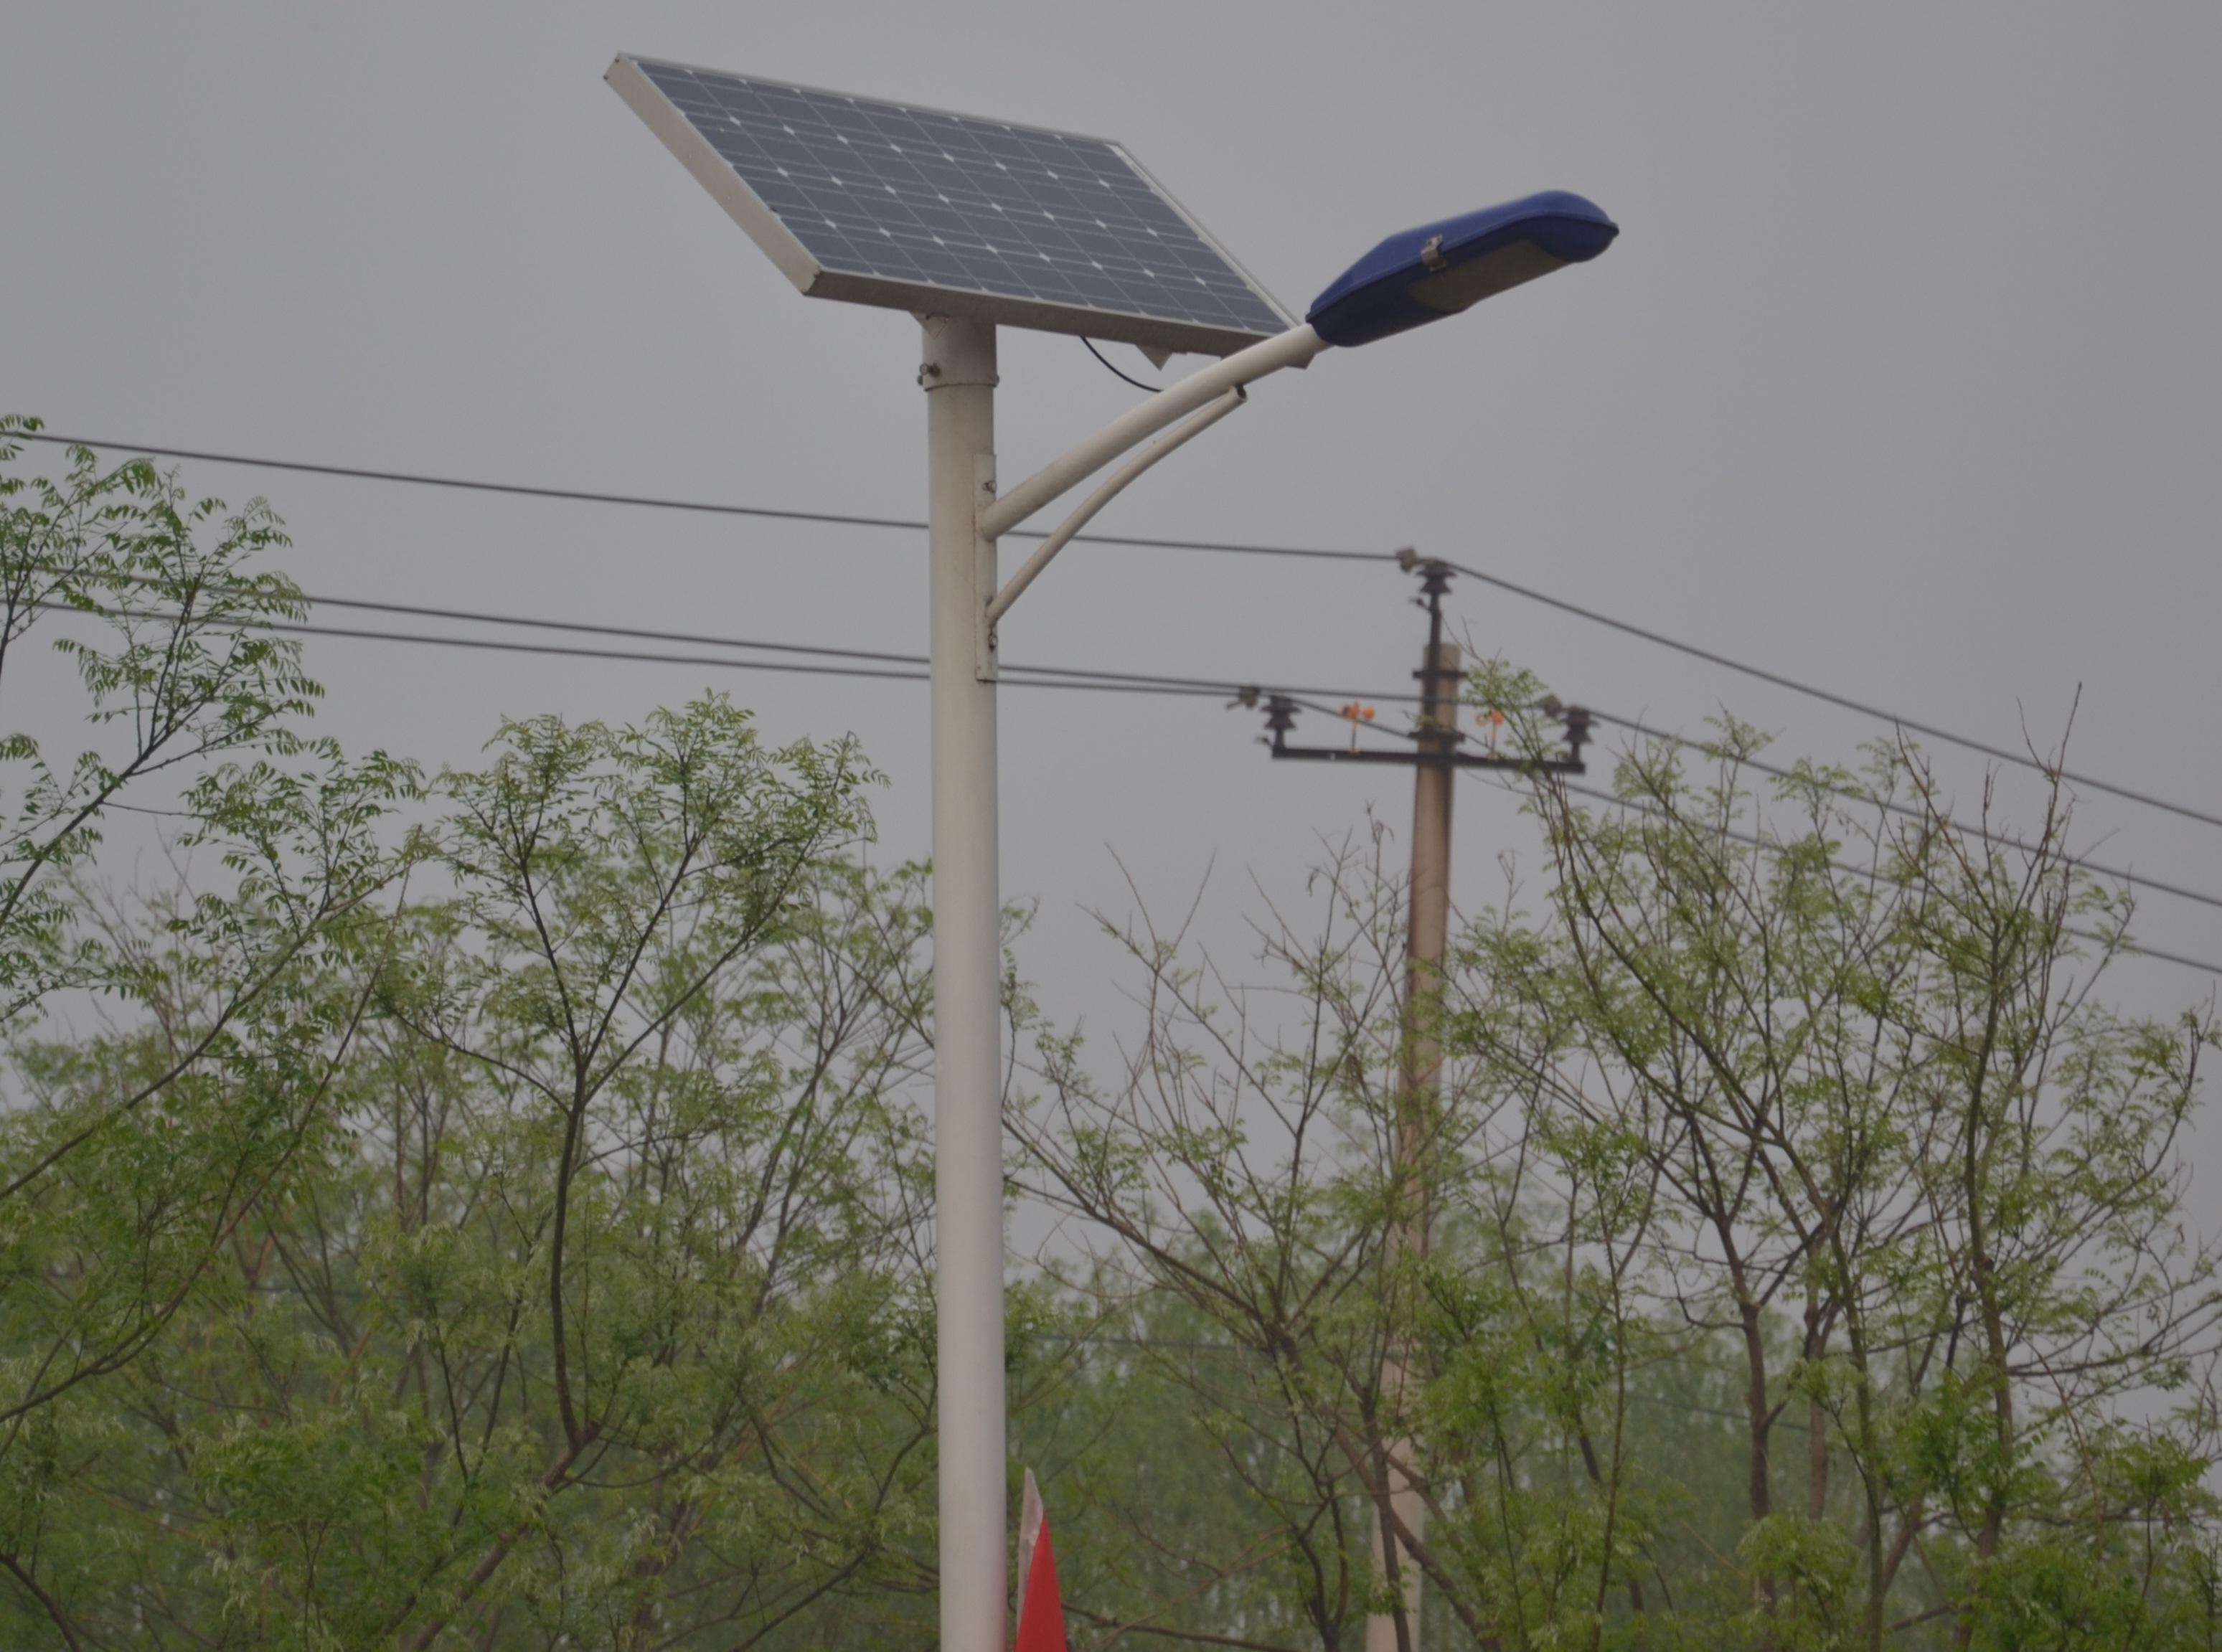 河南led路灯厂家介绍路灯光源高宽配置